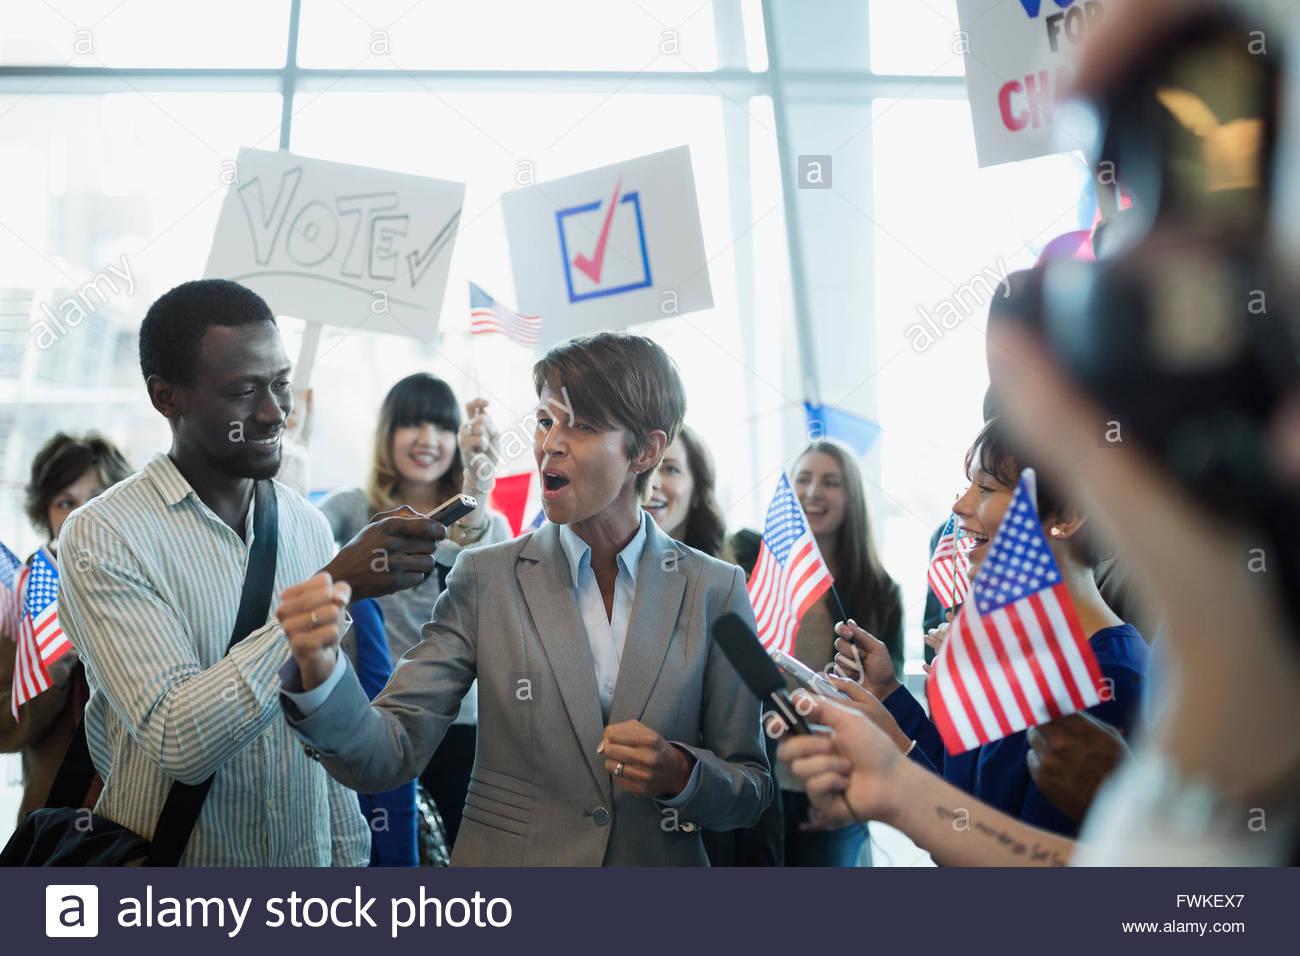 Jubelnde Politikerin interviewt auf politische Kundgebung Stockbild